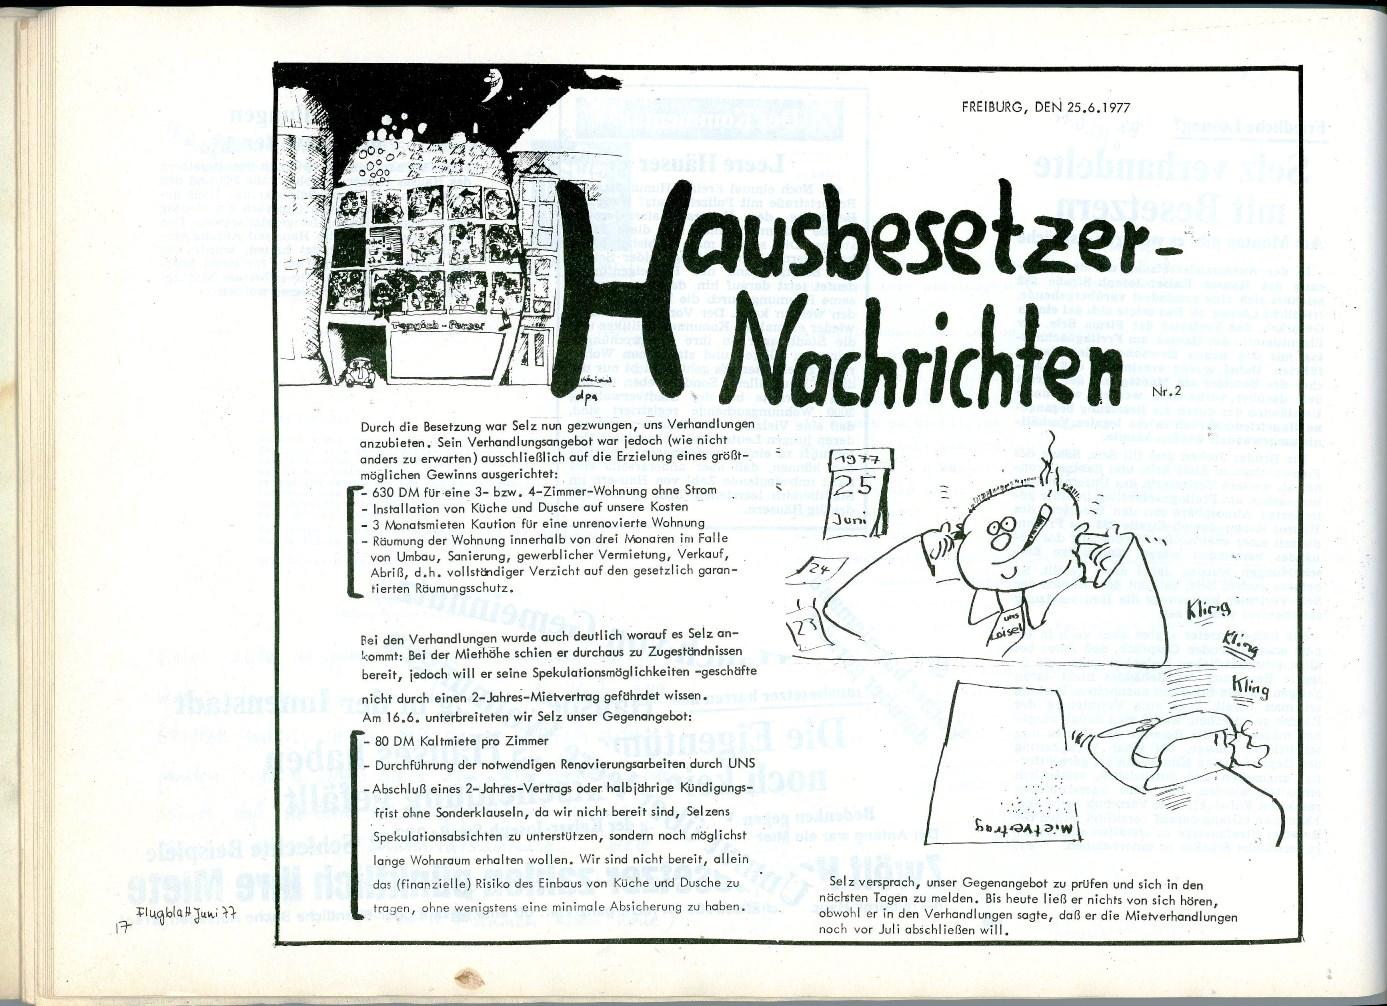 Freiburg_Hausbesetzung_01_Dreisameck_021